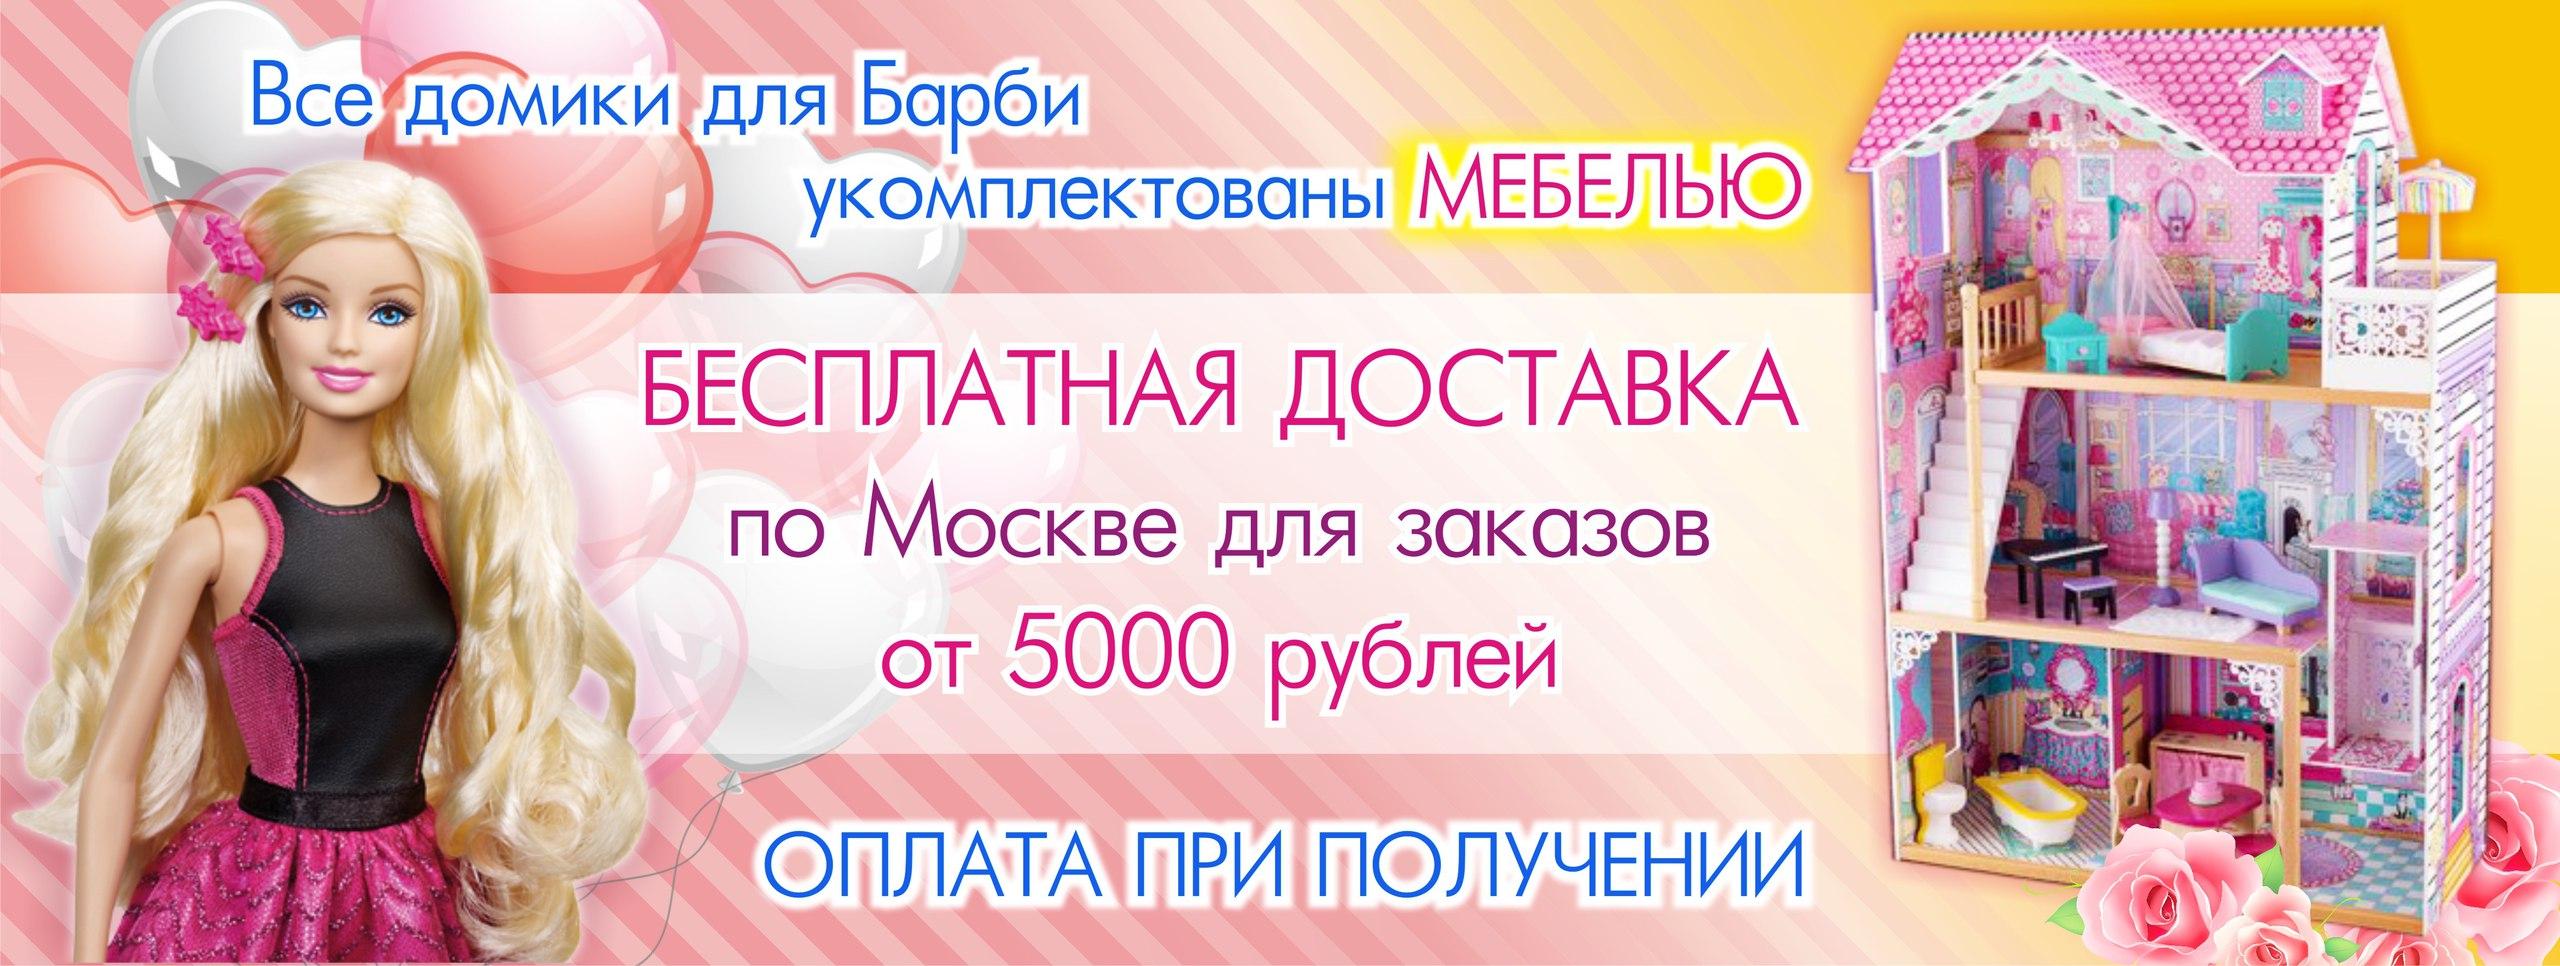 Купить домик для Барби в Москве